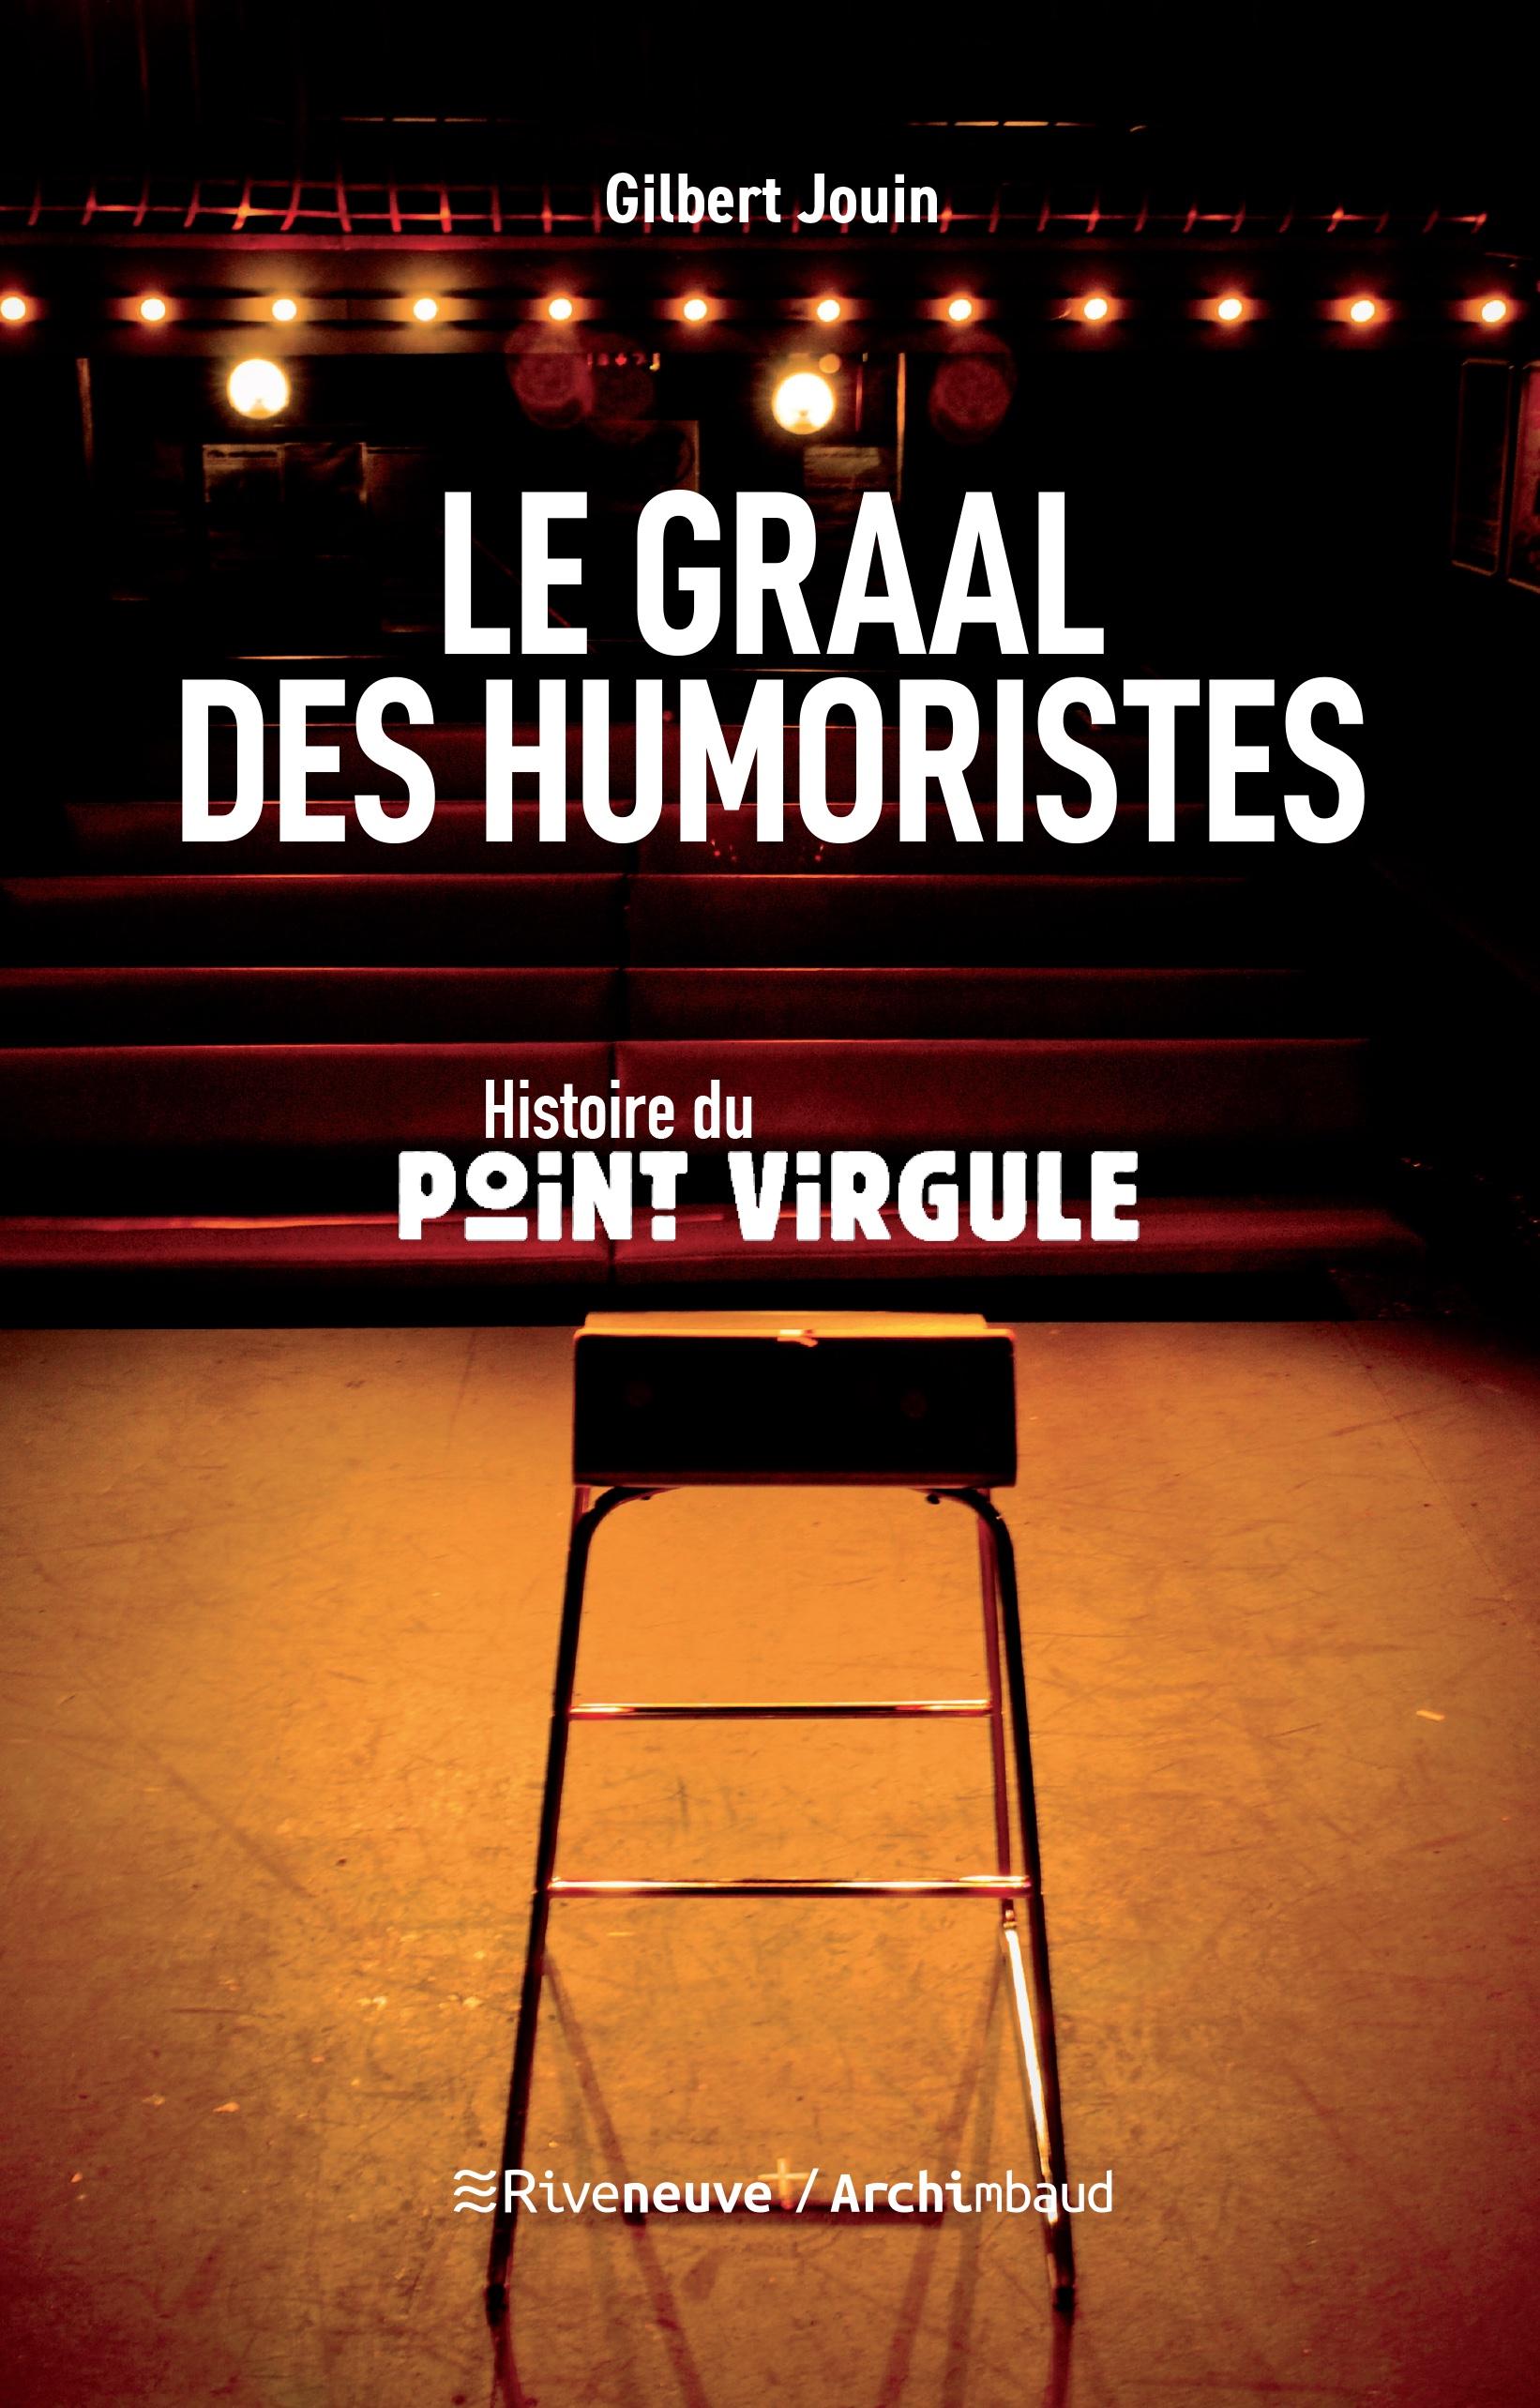 Le graal des humoristes : Histoire du point virgule